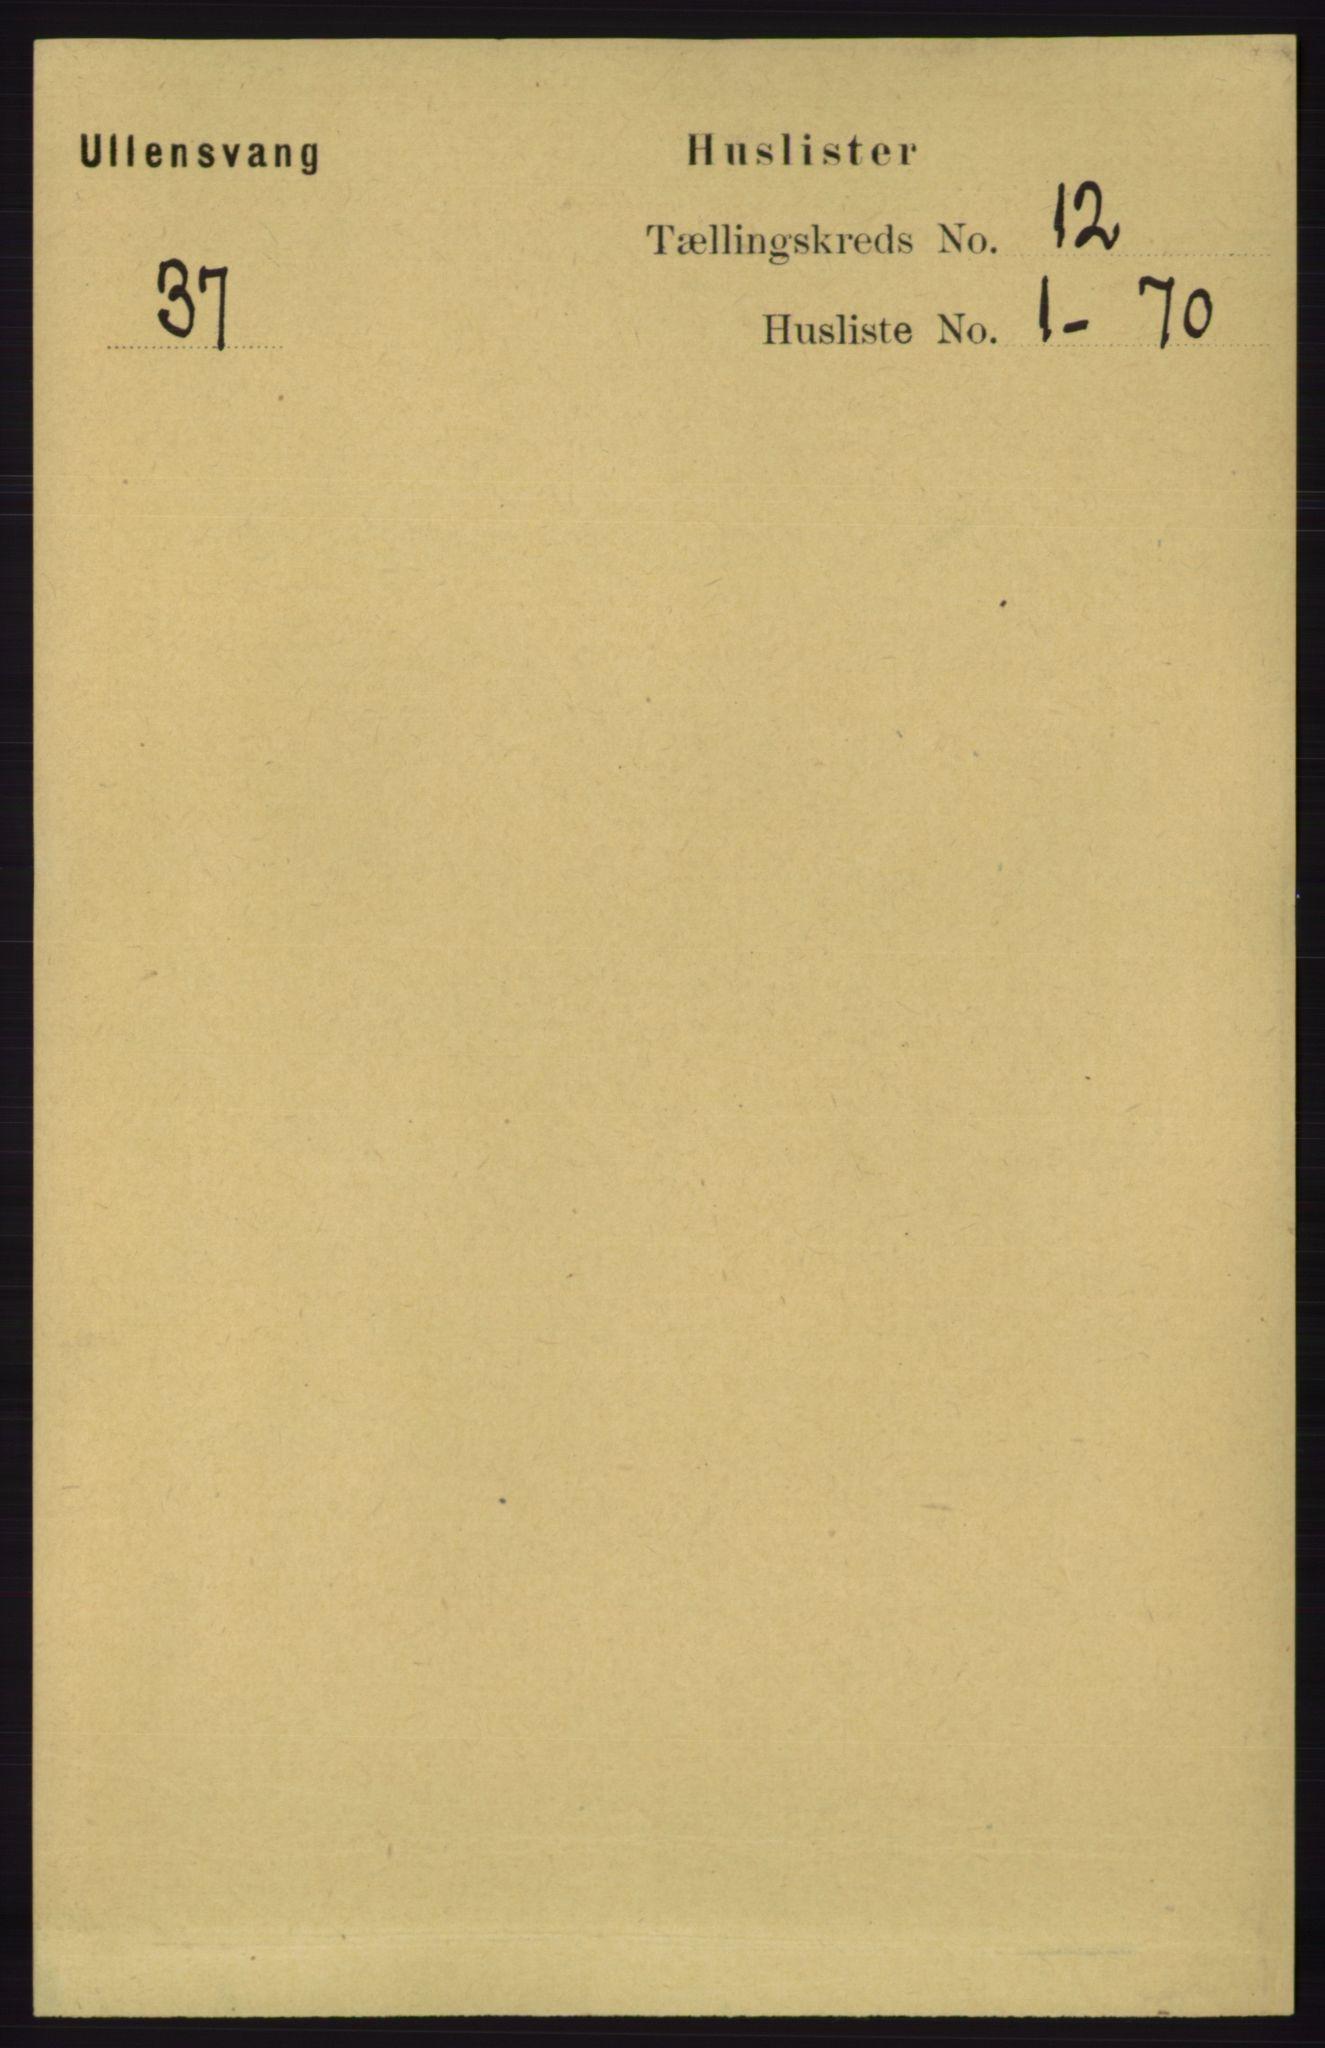 RA, Folketelling 1891 for 1230 Ullensvang herred, 1891, s. 4595